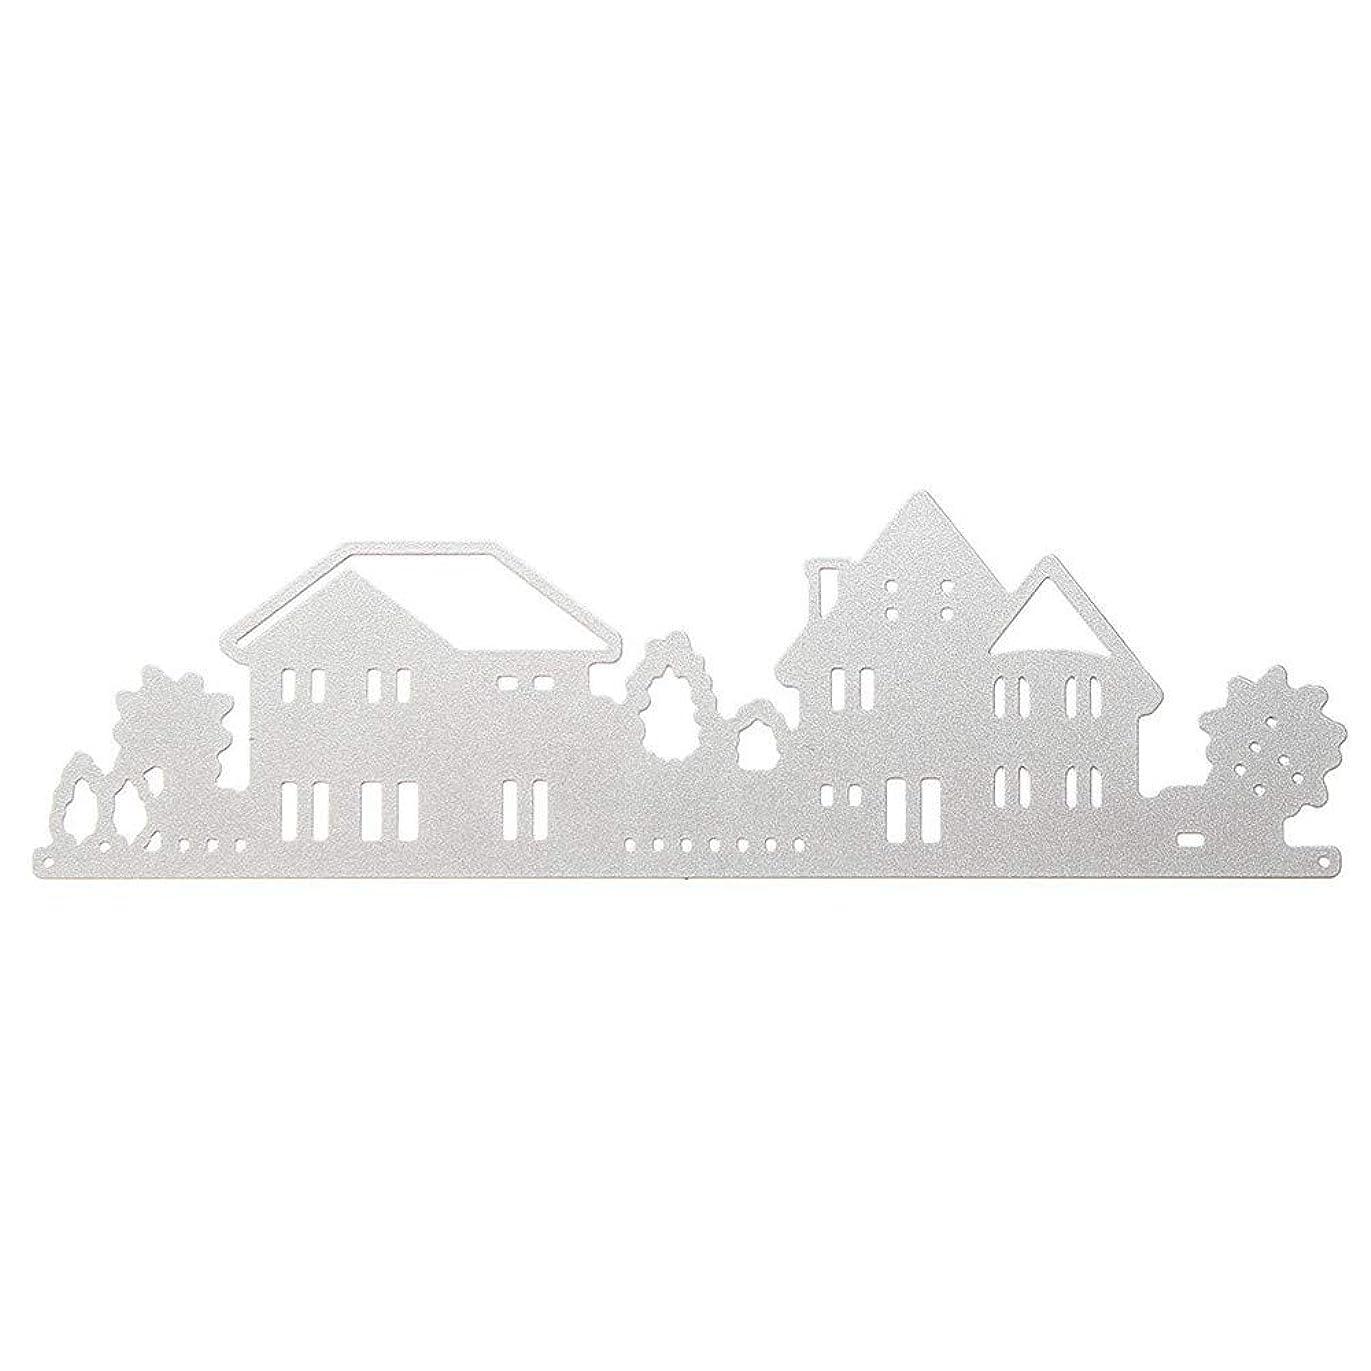 直面するセグメント急速なDIYハウスモデル 金属DIYハウスの切断はステンシルスクラップブックカードアルバム紙エンボスクラフトデコレーションファインハウスダイス ハードカバードールハウスキット (Color : White, Size : One size)